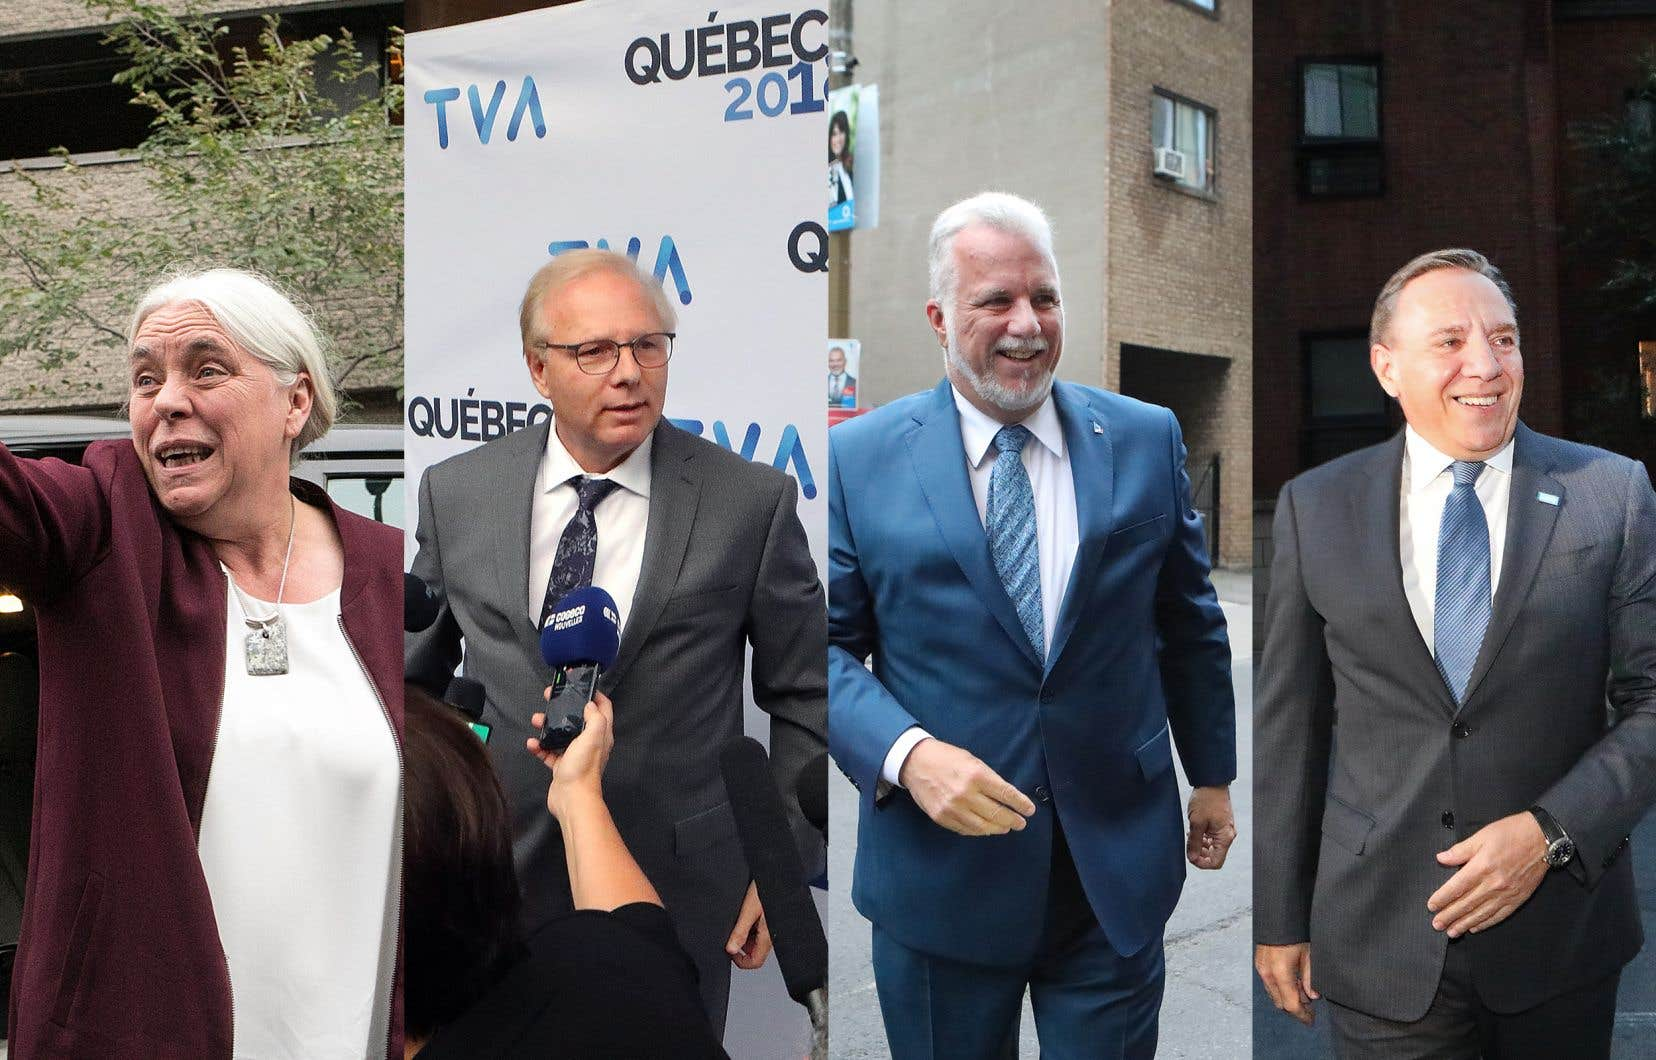 Les quatre chefs qui ont participé au débat: Manon Massé, Jean-François Lisée, Philippe Couillard et François Legault